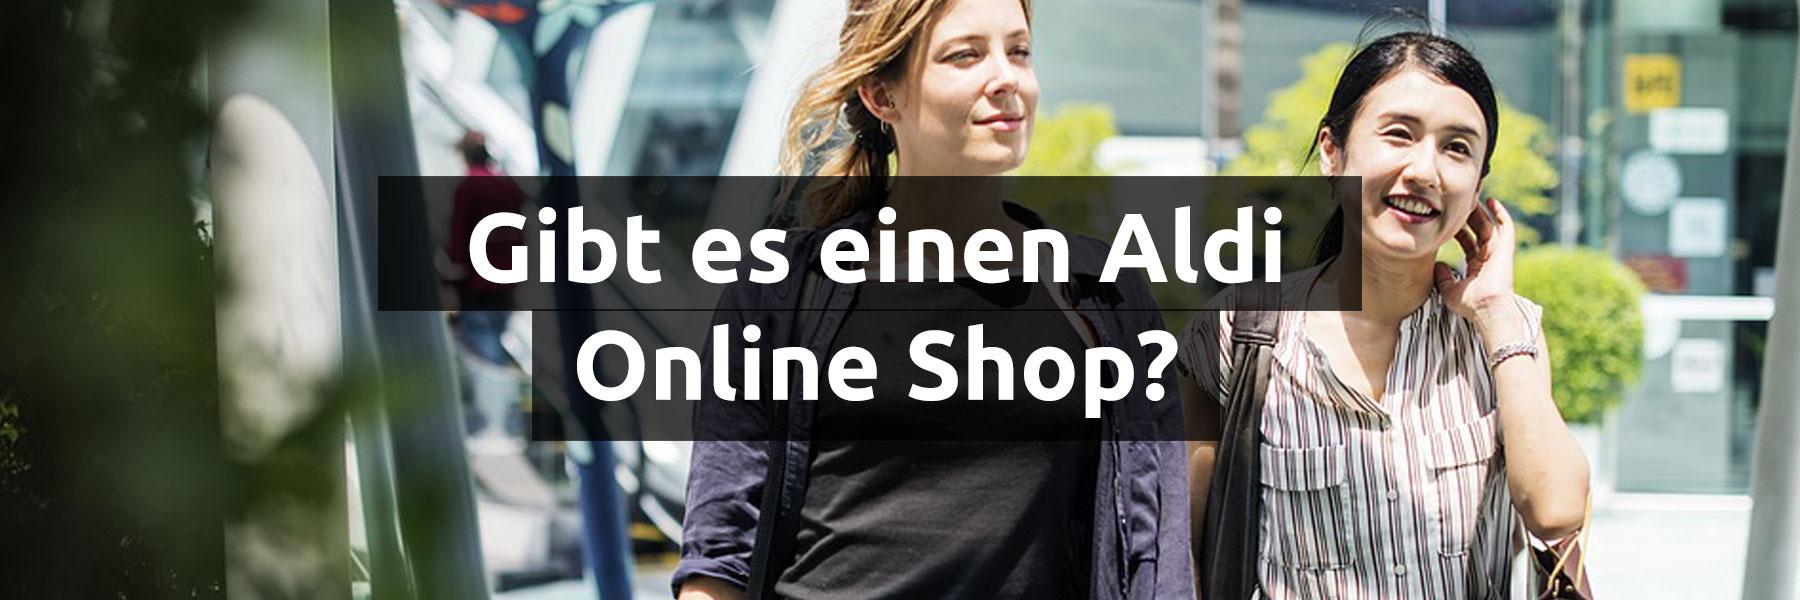 Header_Gibt-es-einen-Aldi-Online-Shop_v02_1800x600.jpg